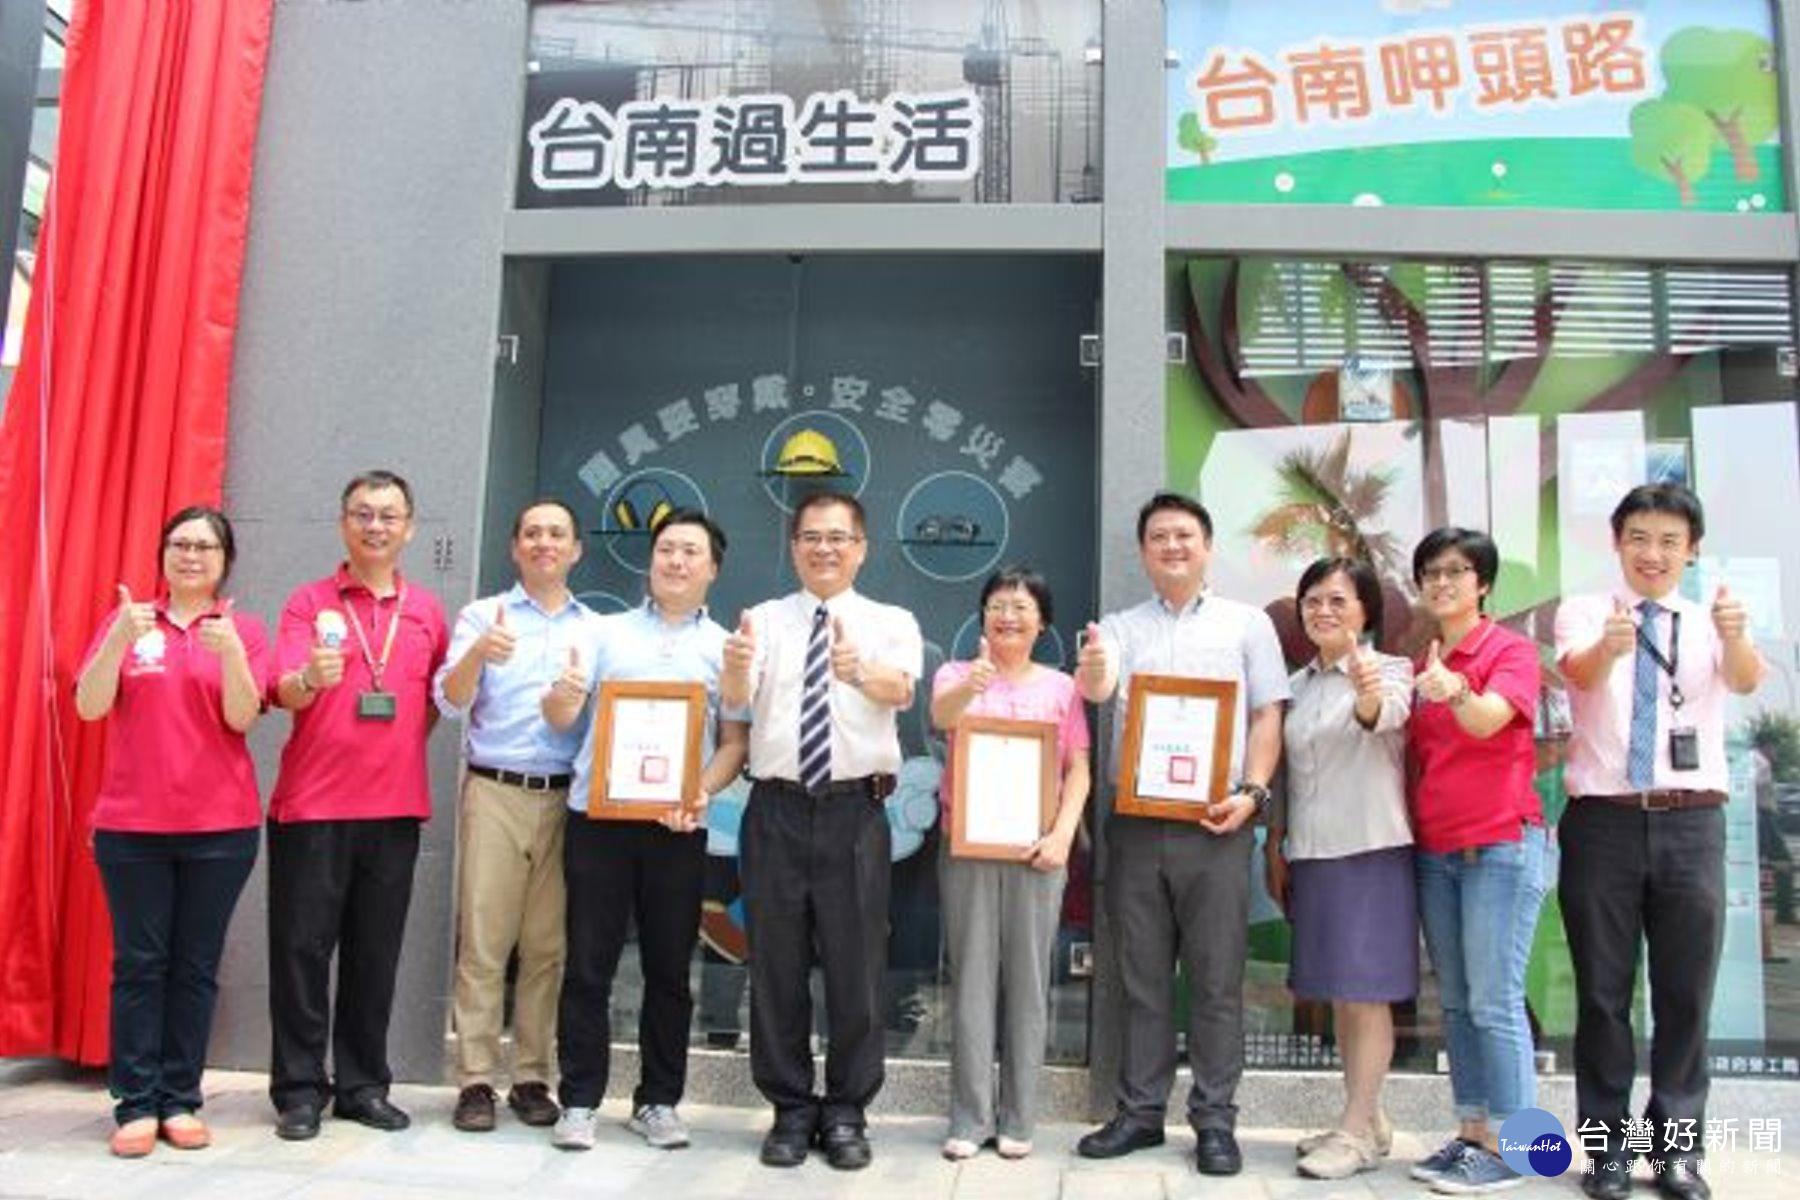 就業創業訊息普及化 南市勞工局設產官學公益平台